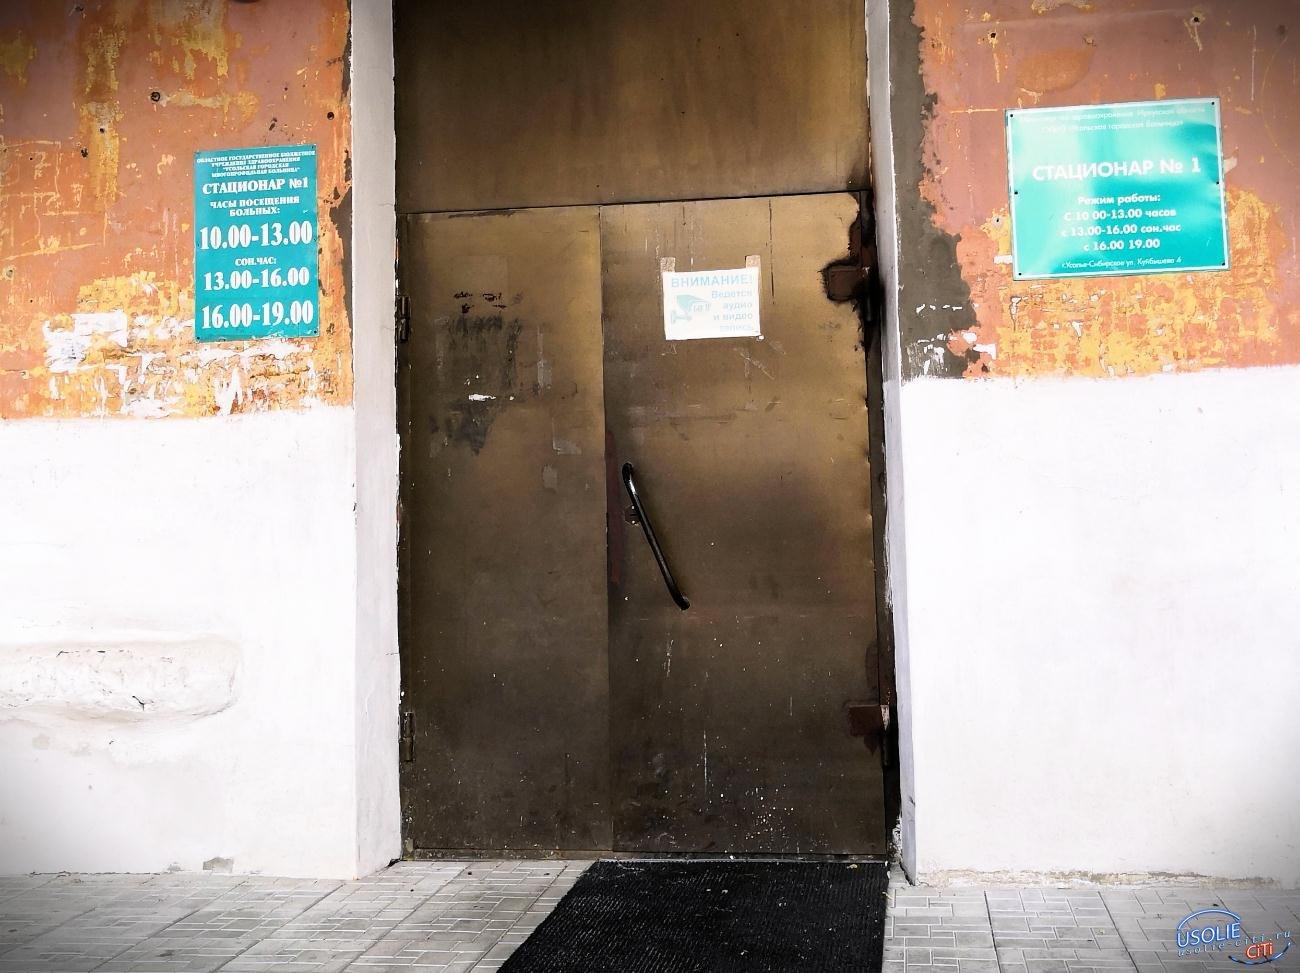 Житель Усолья стал свидетелем закладки наркотиков и был избит